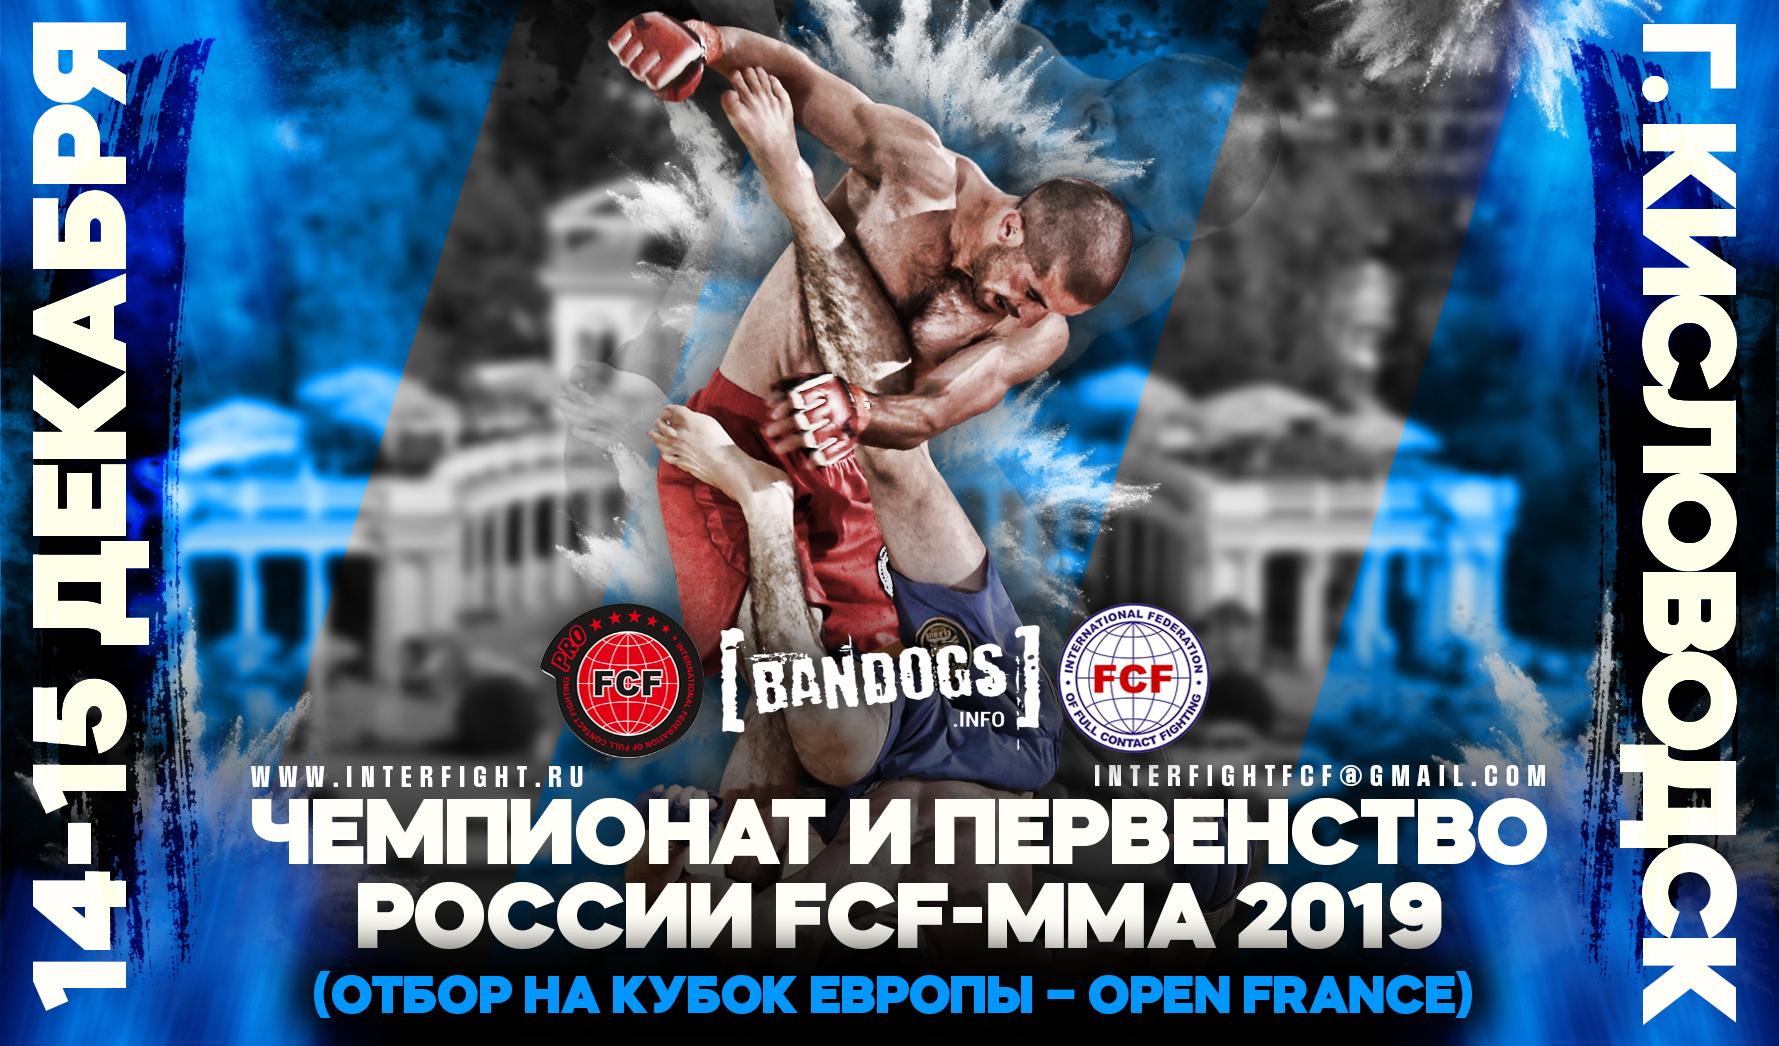 Чемпионат и Первенство России FCF-MMA 2019 (отбор на Кубок Европы – Open France)